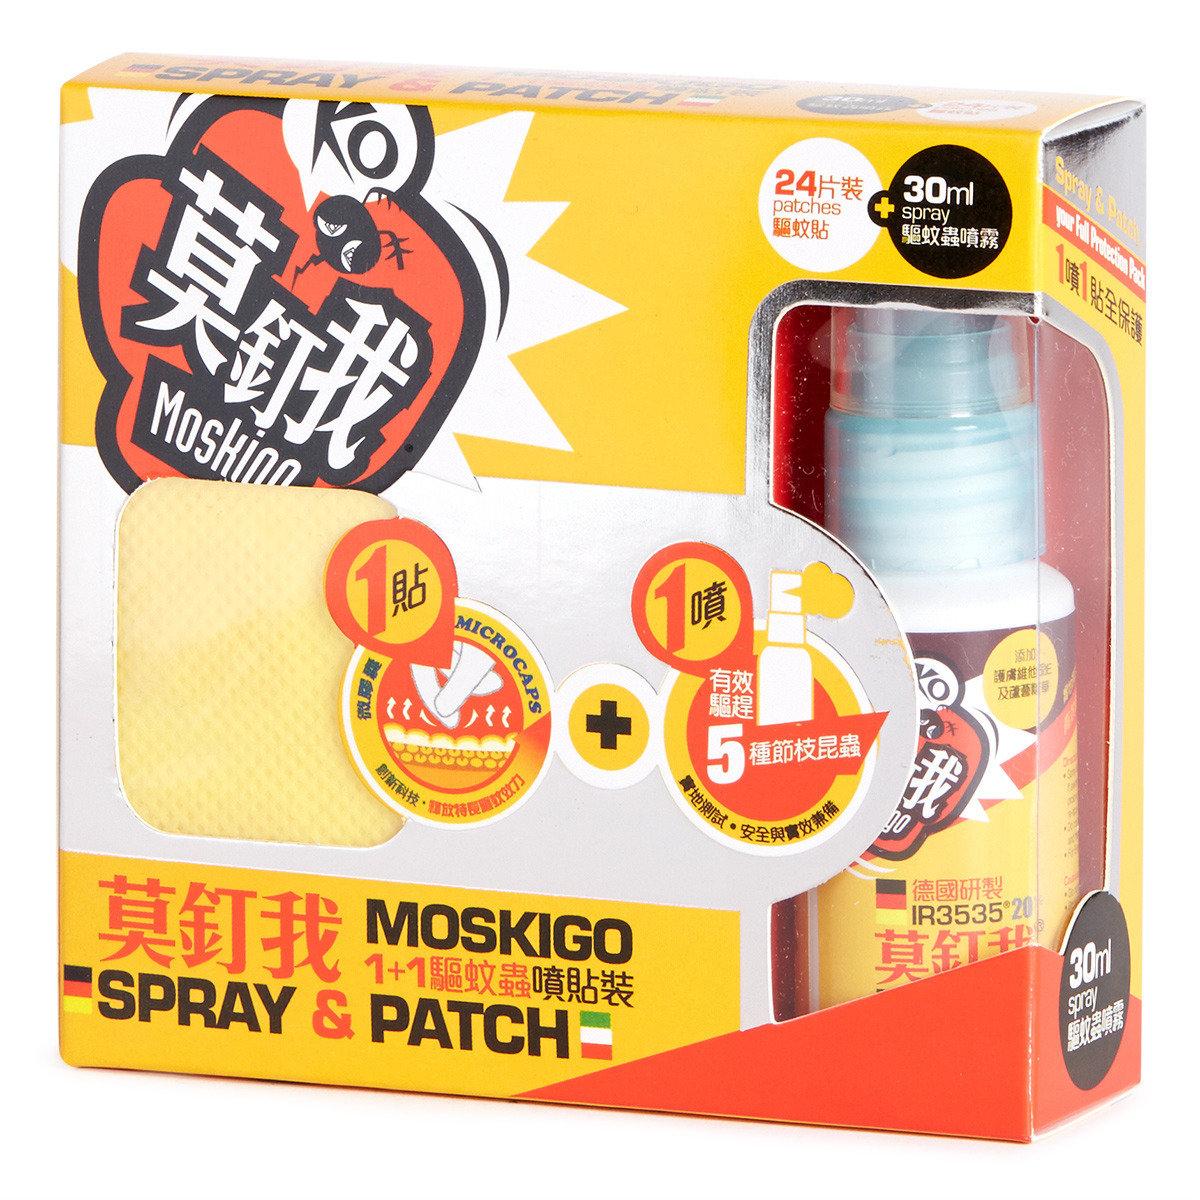 1+1驅蚊蟲噴貼裝